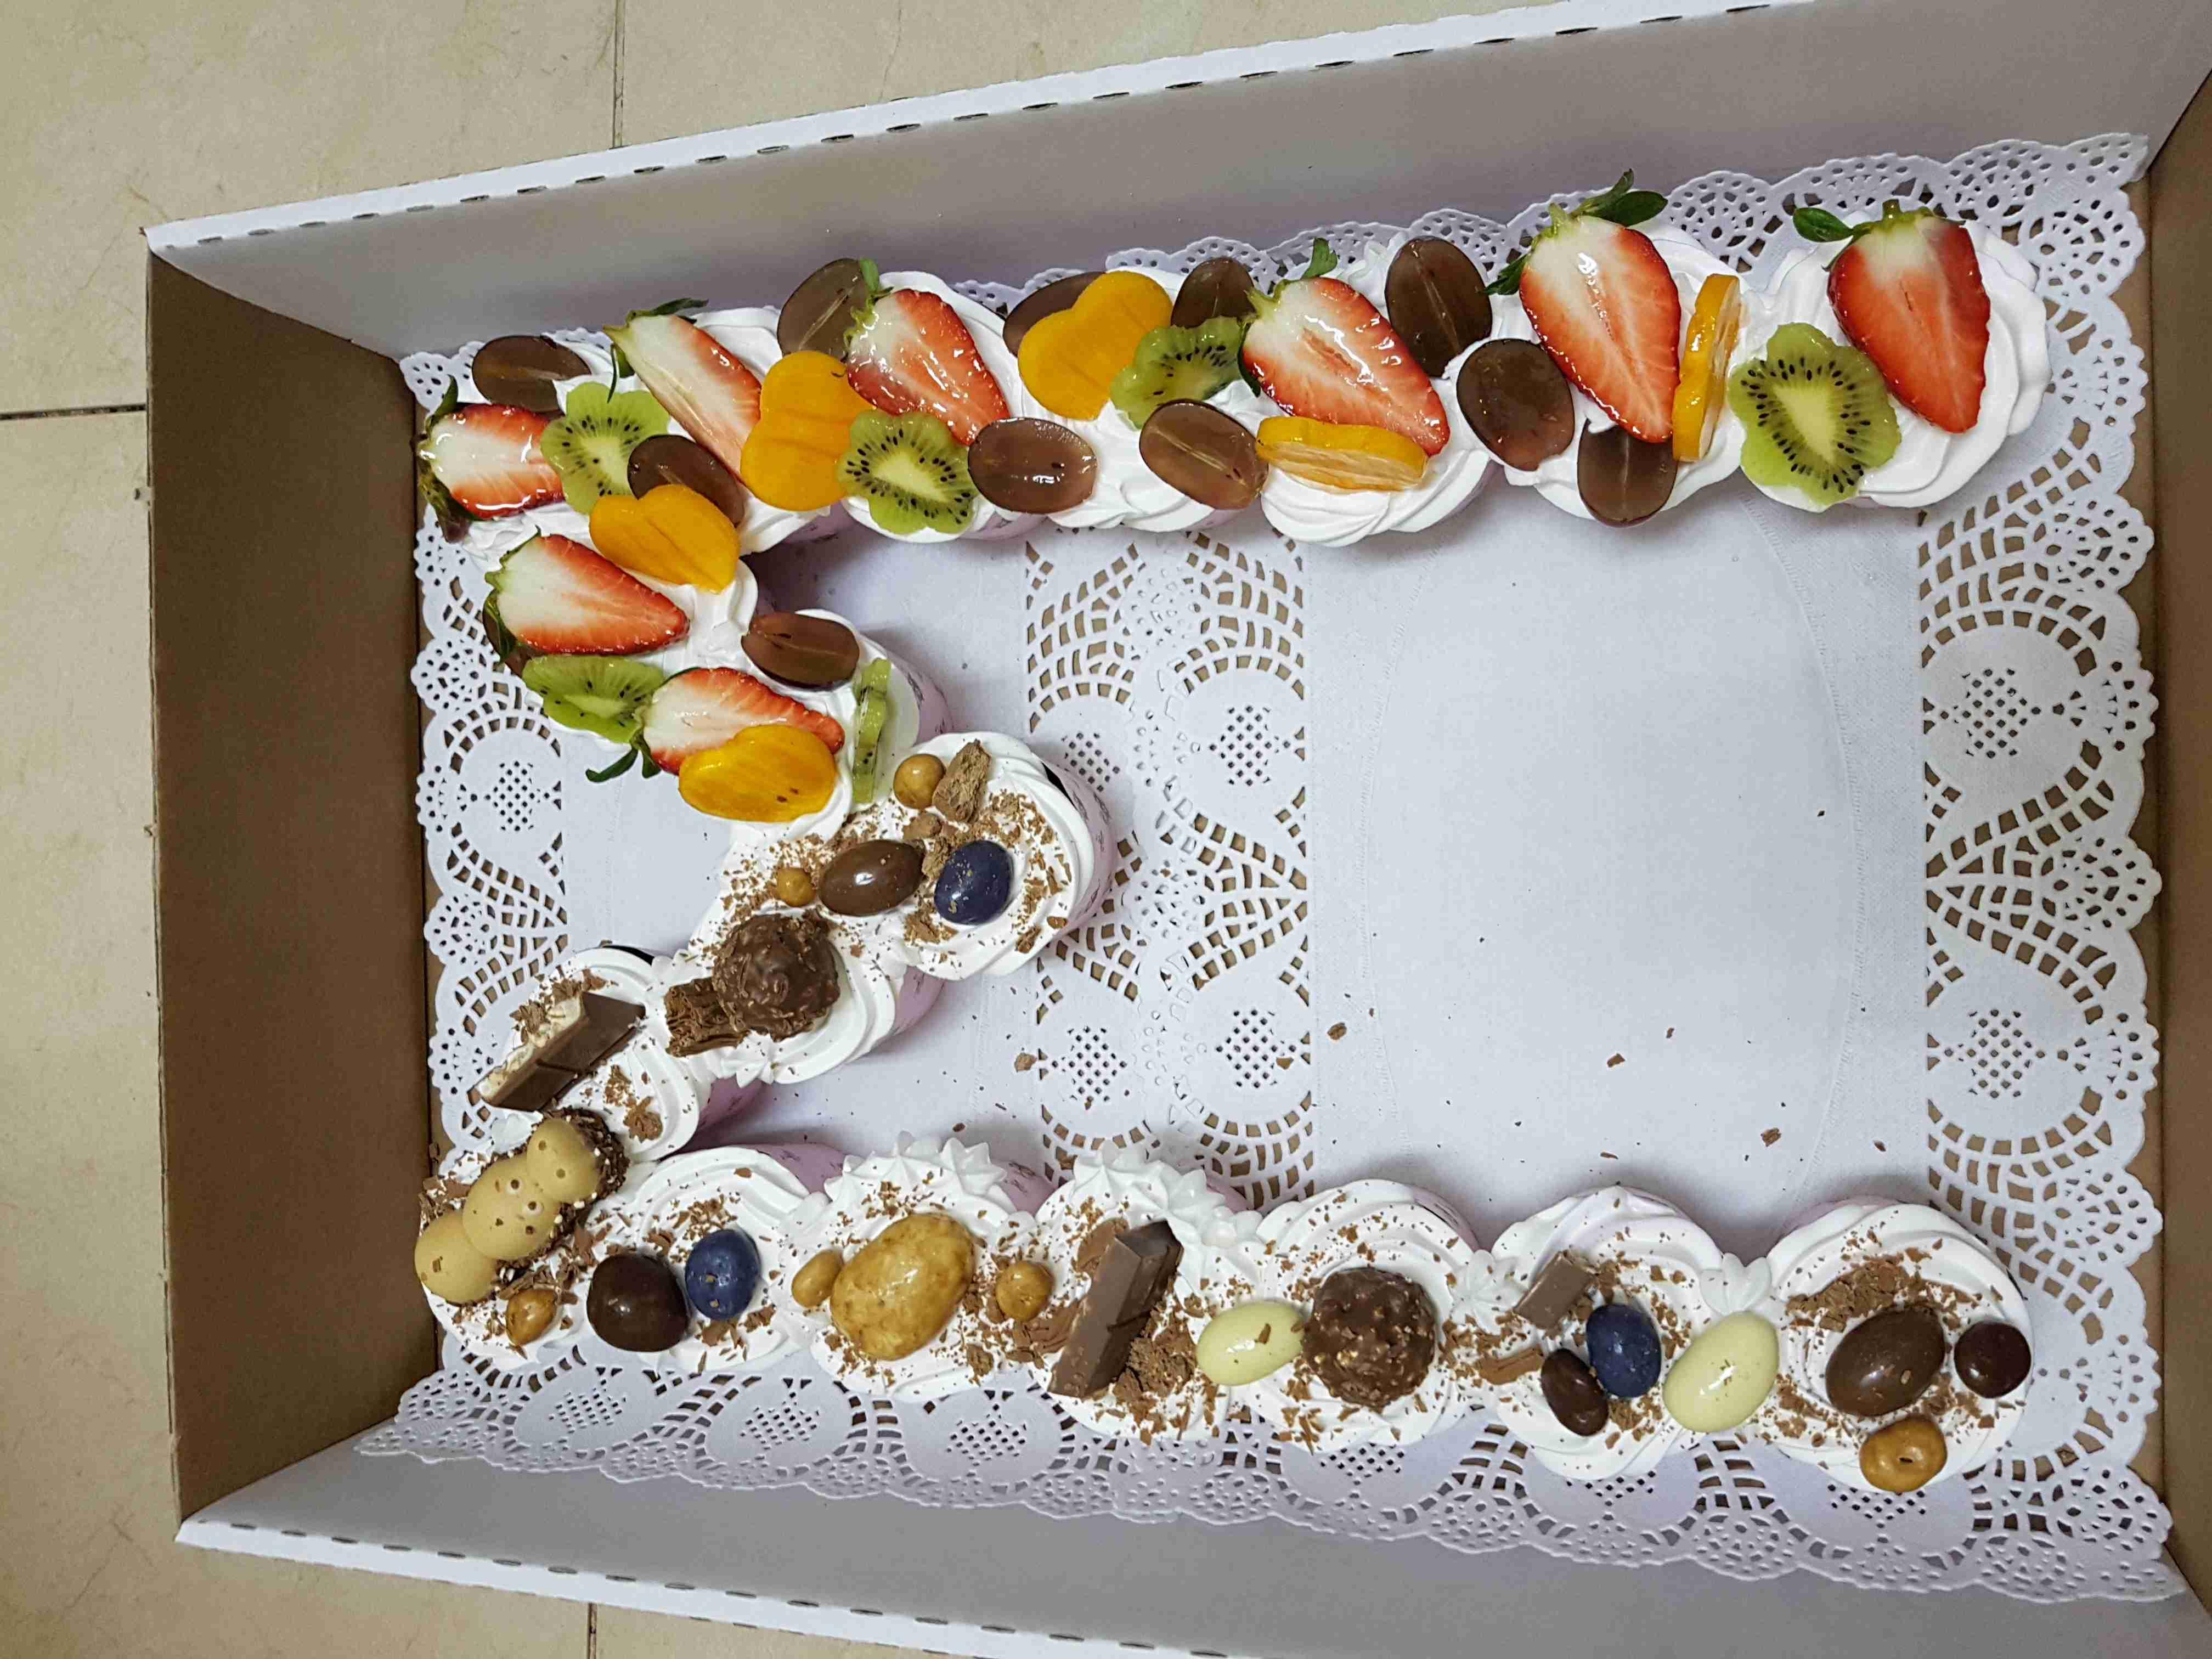 مسابقه ملكه الحلويات كعكه الحرف